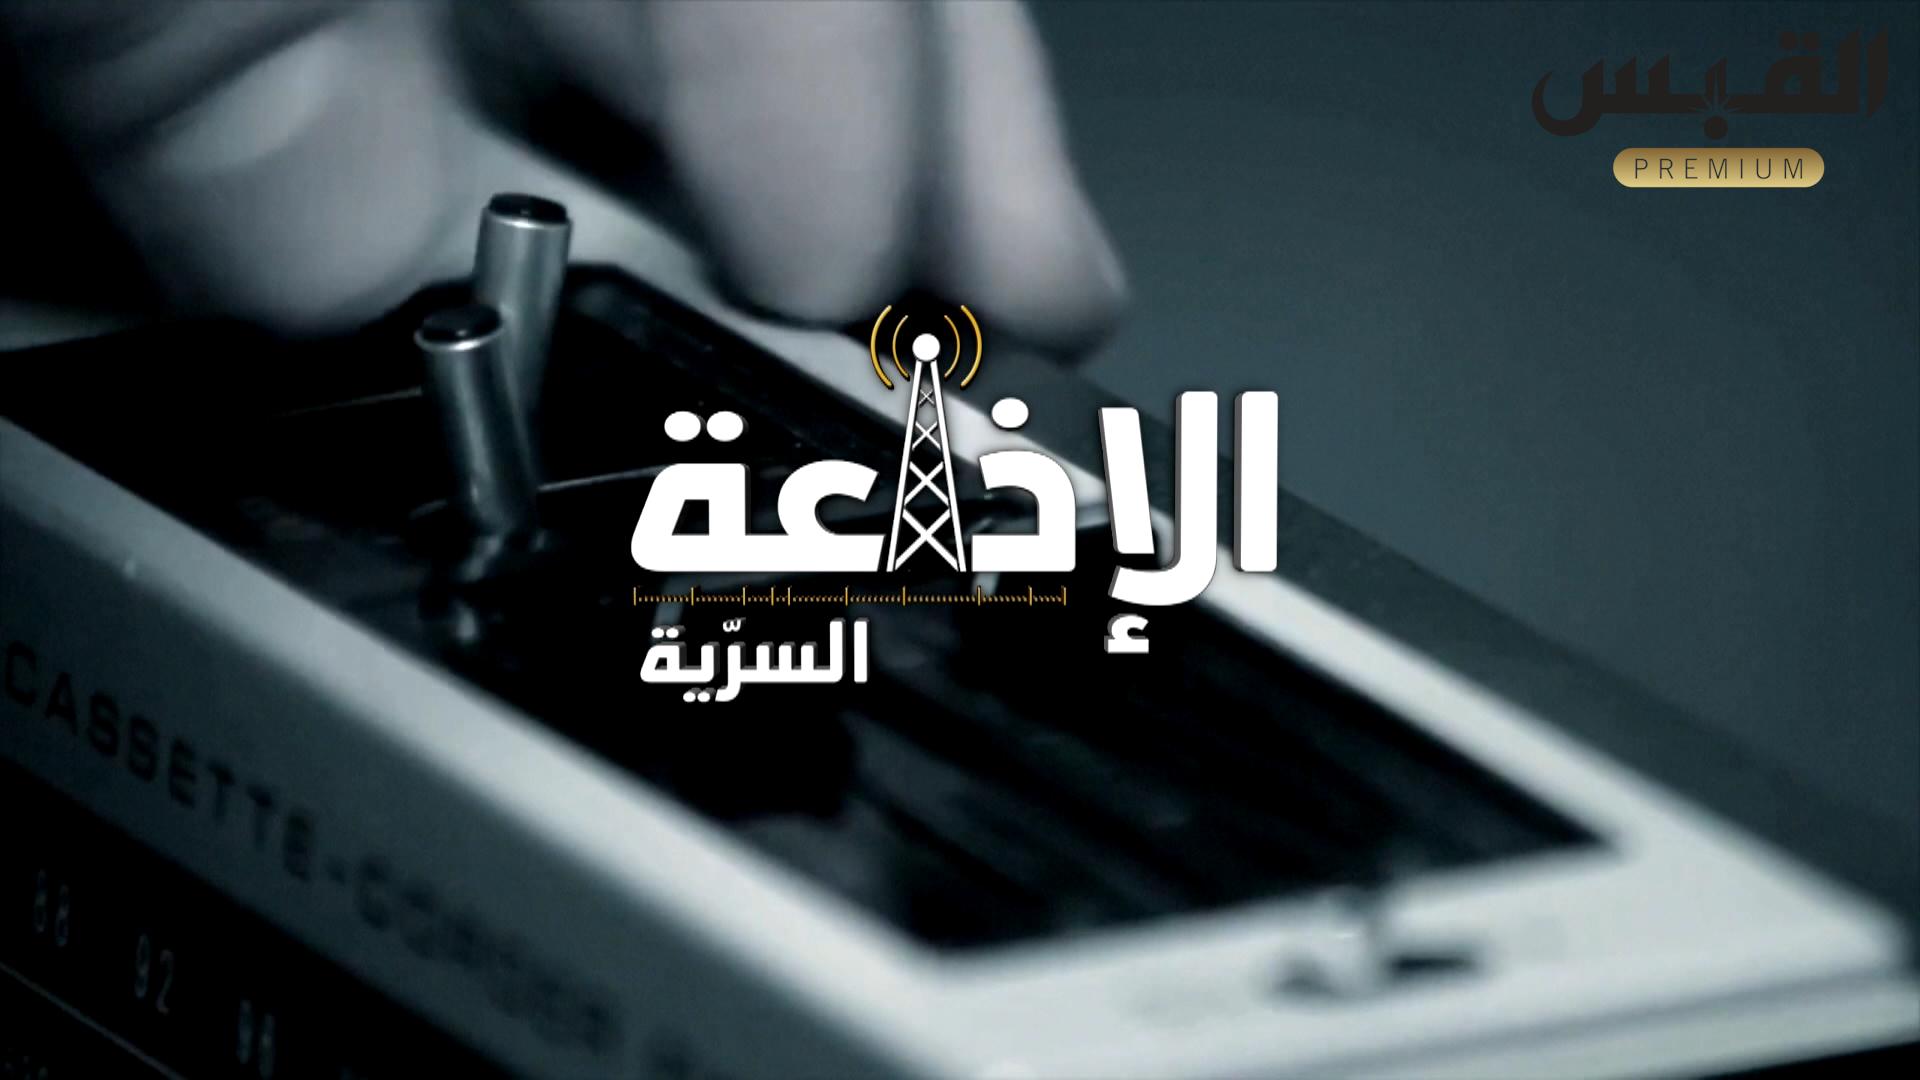 الأجزاء 1 و2 و3 للسلسلة الوثائقية «الإذاعة السرية»